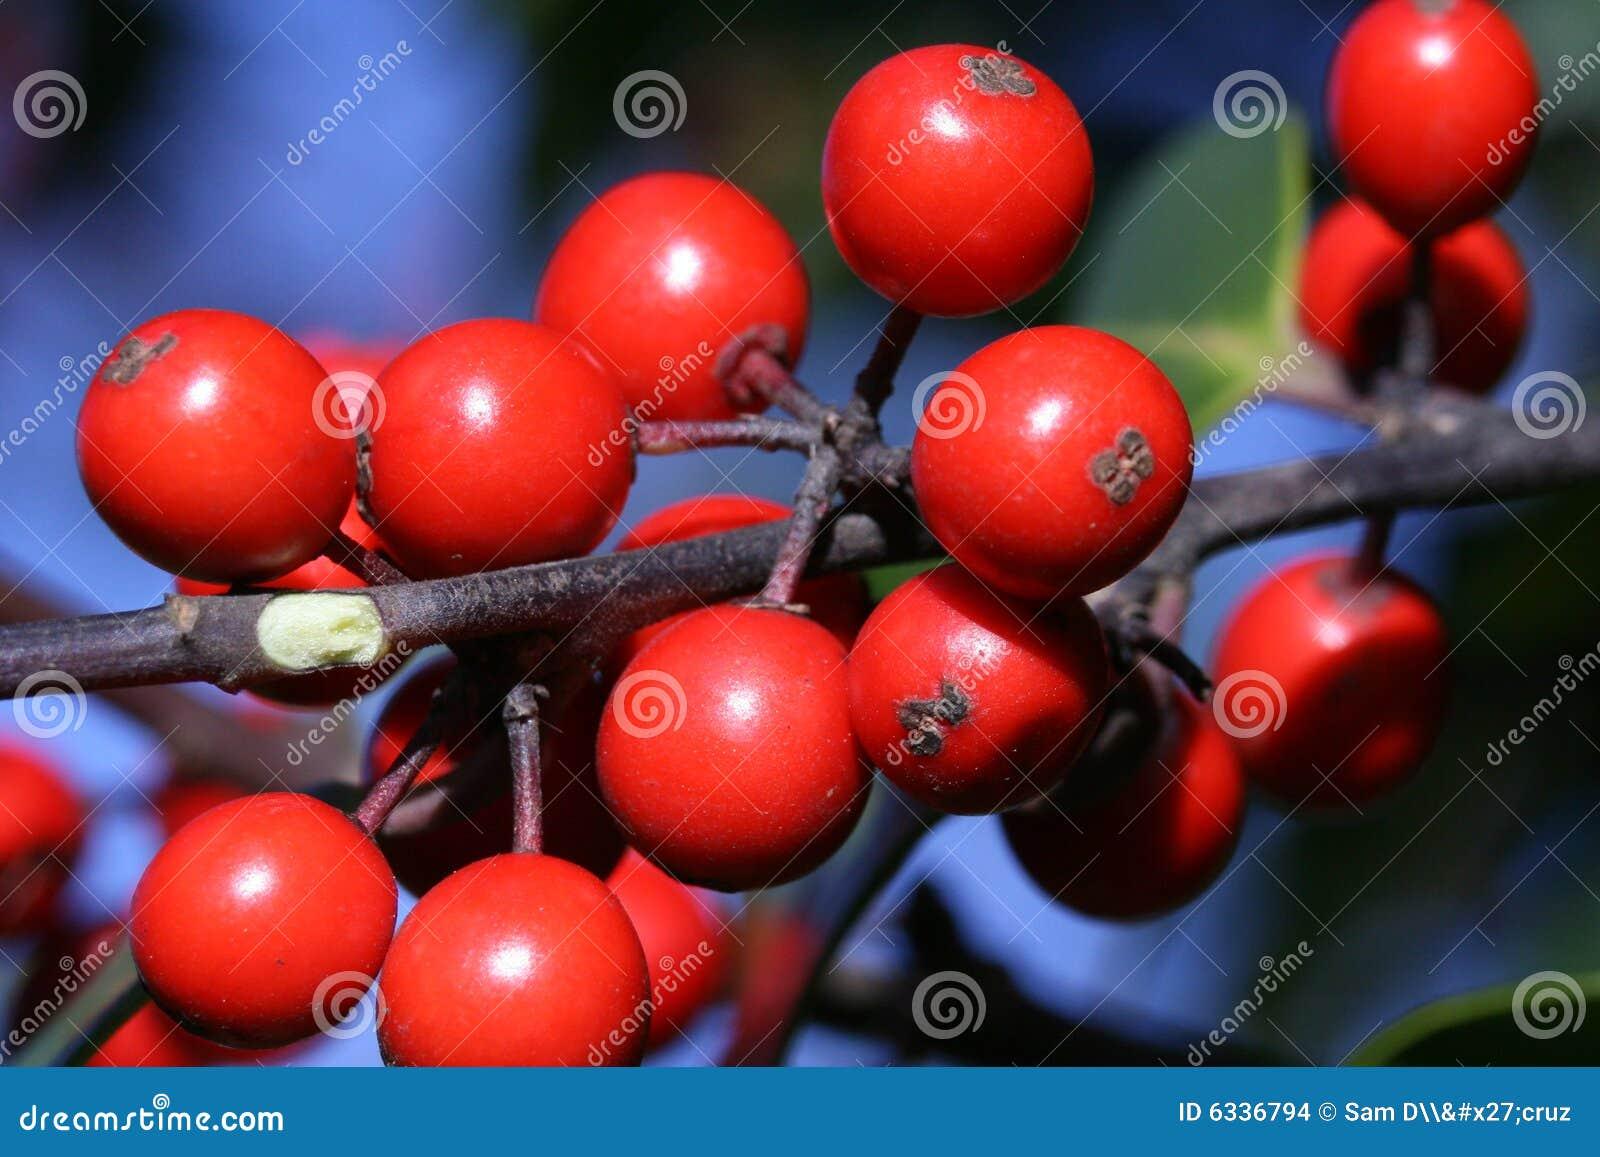 浆果加拿大森林霍莉水多的红色成熟结构树.图片